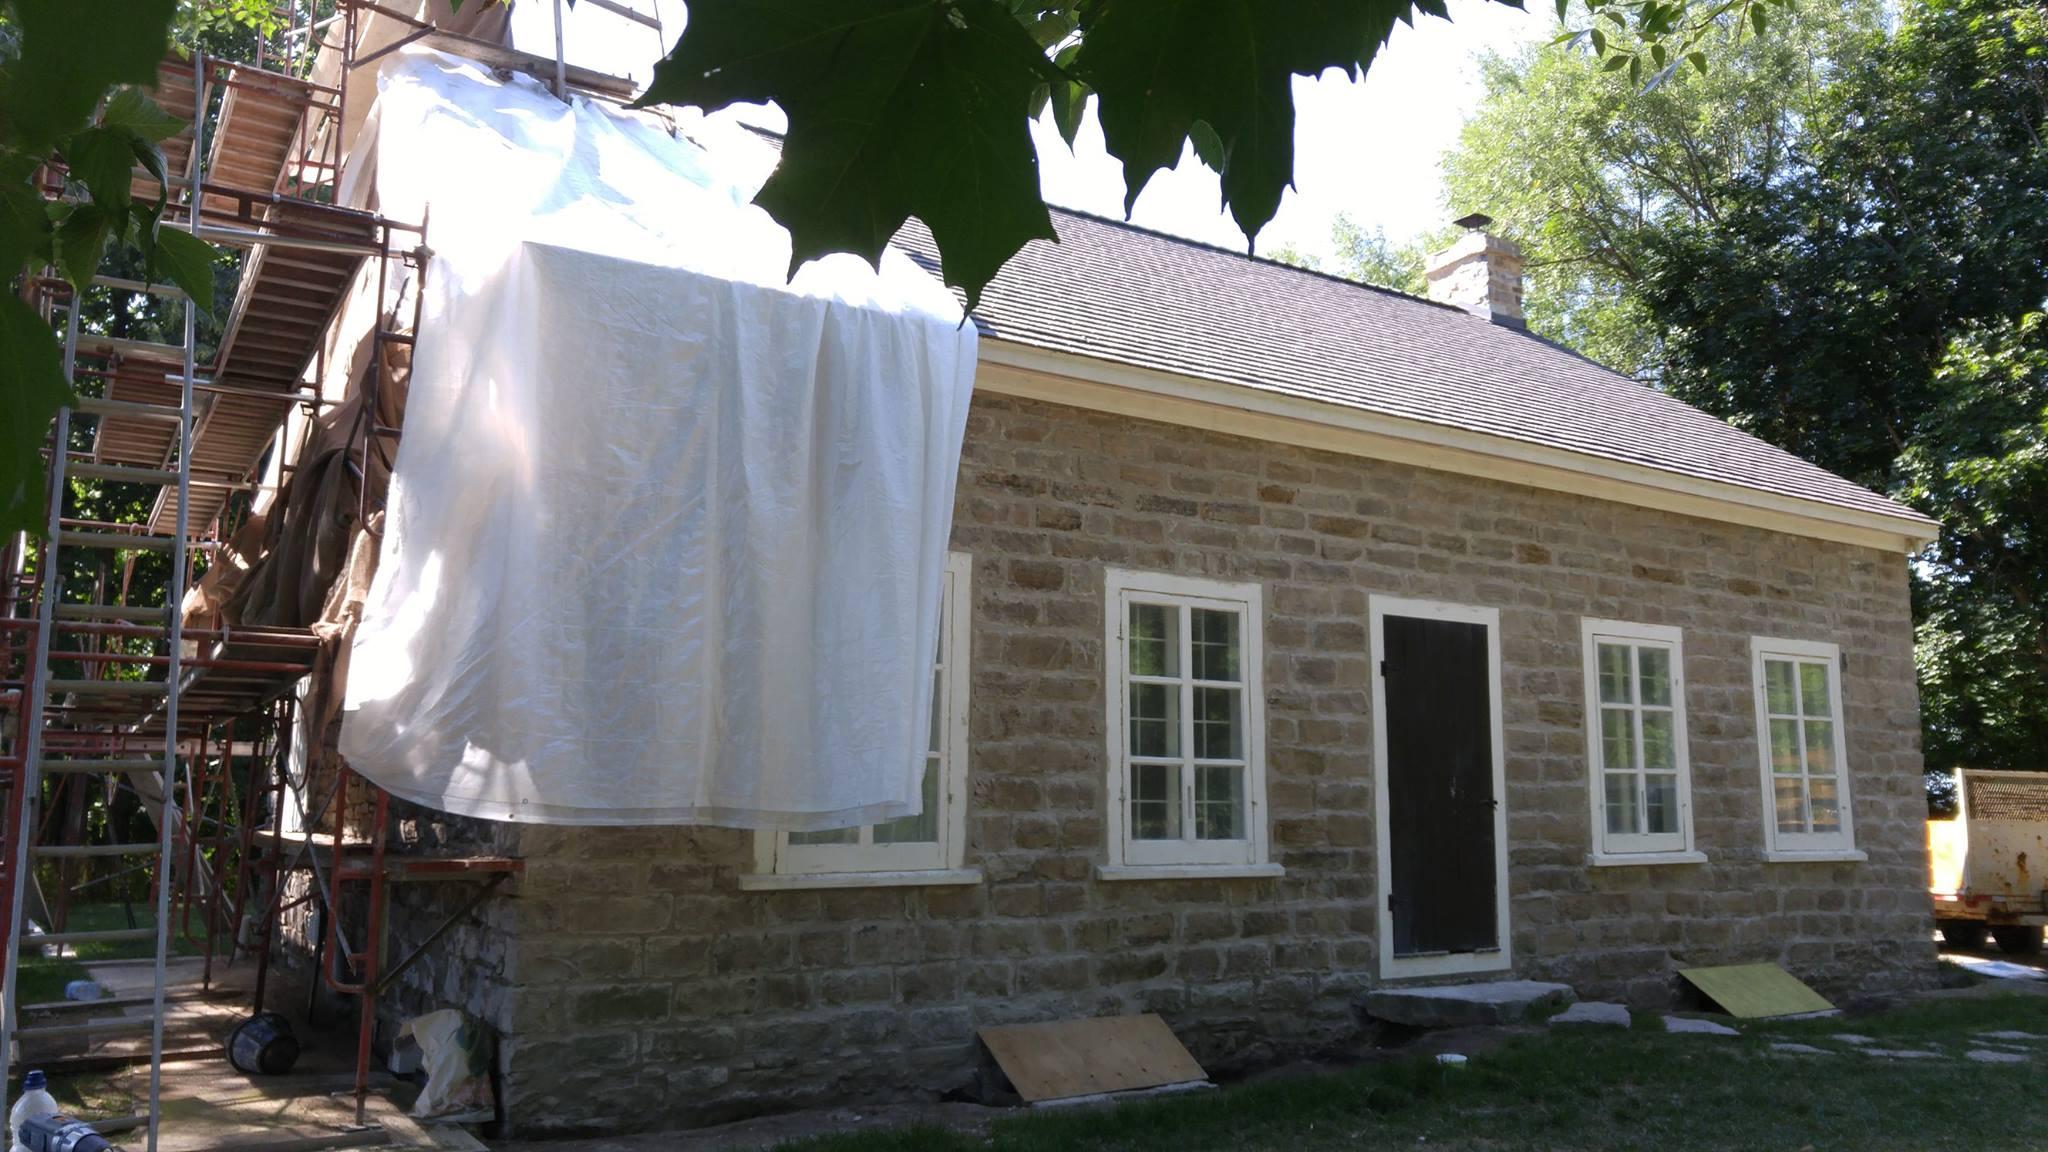 La maison Morison-Howick, près de Châteauguay, est début XIXe. Un rejointoiement complet y est effectué en 2016 par Métiers d'art du bâtiment ARTES inc.